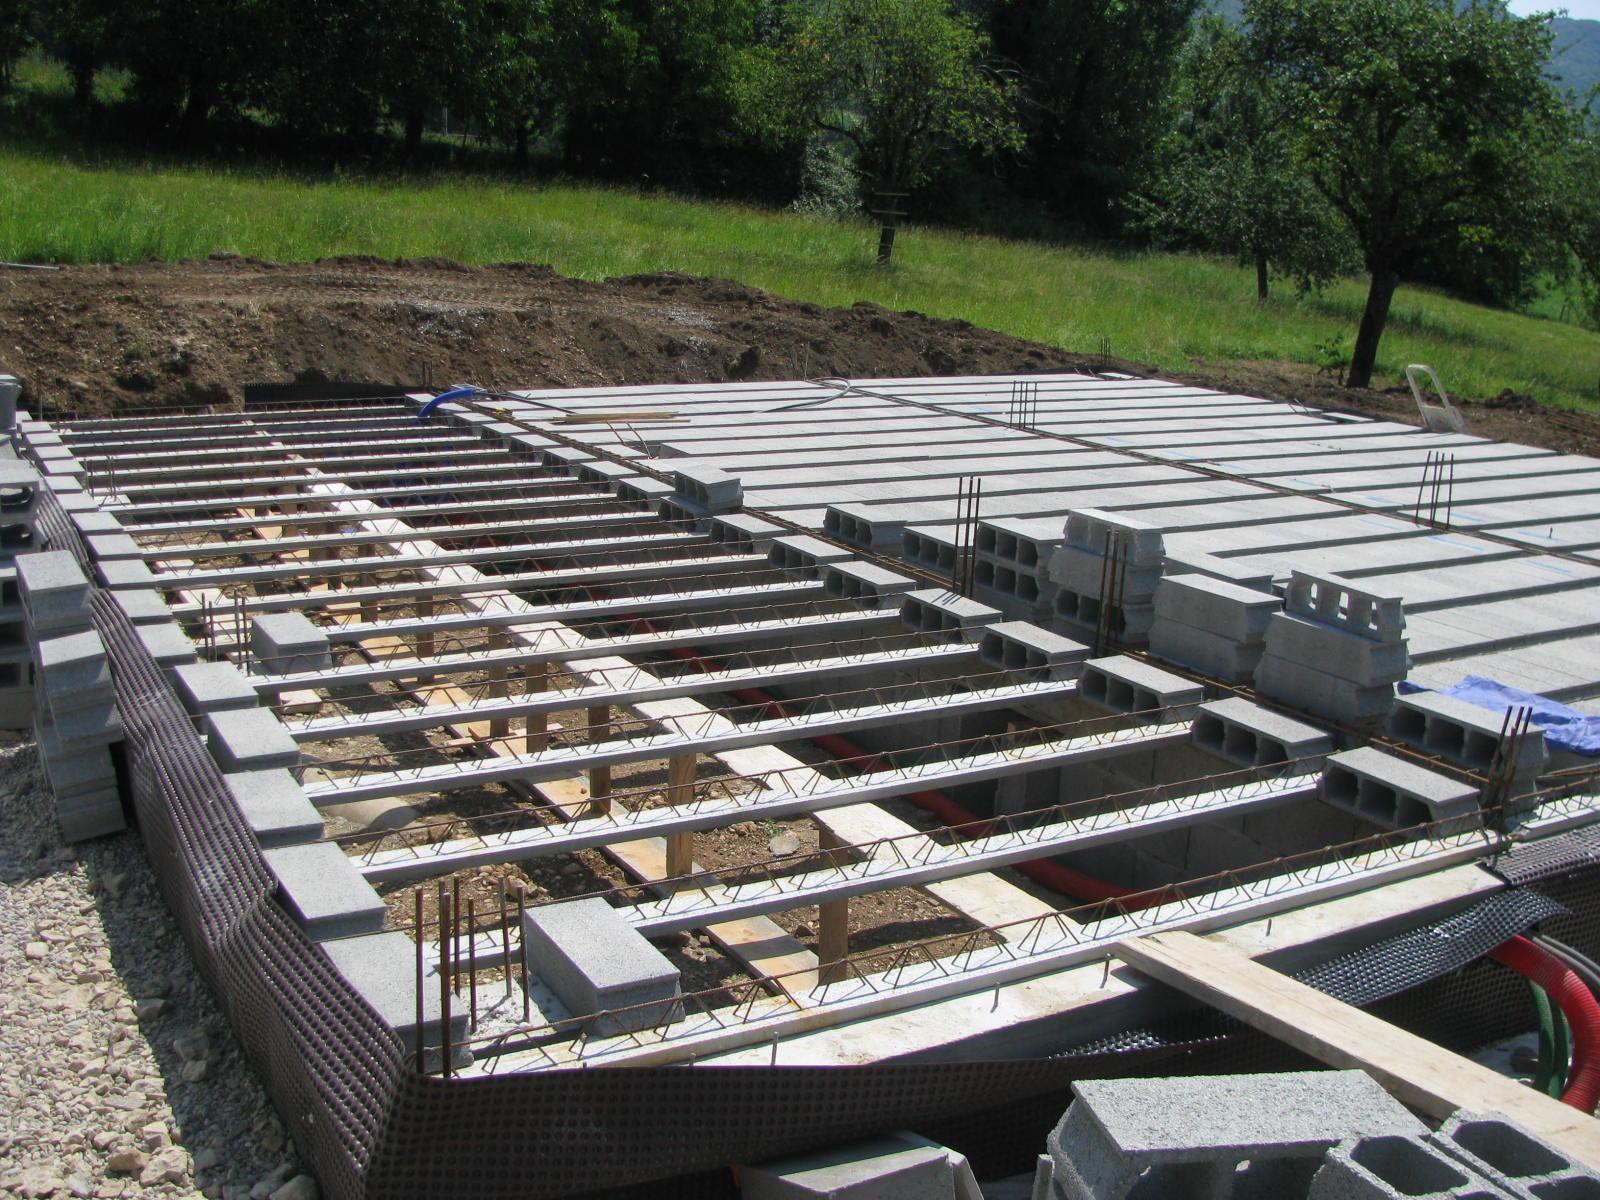 autoconstruction d 39 une maison poteau poutre et paille dans l 39 avant pays savoyard hourdis c 39 est. Black Bedroom Furniture Sets. Home Design Ideas